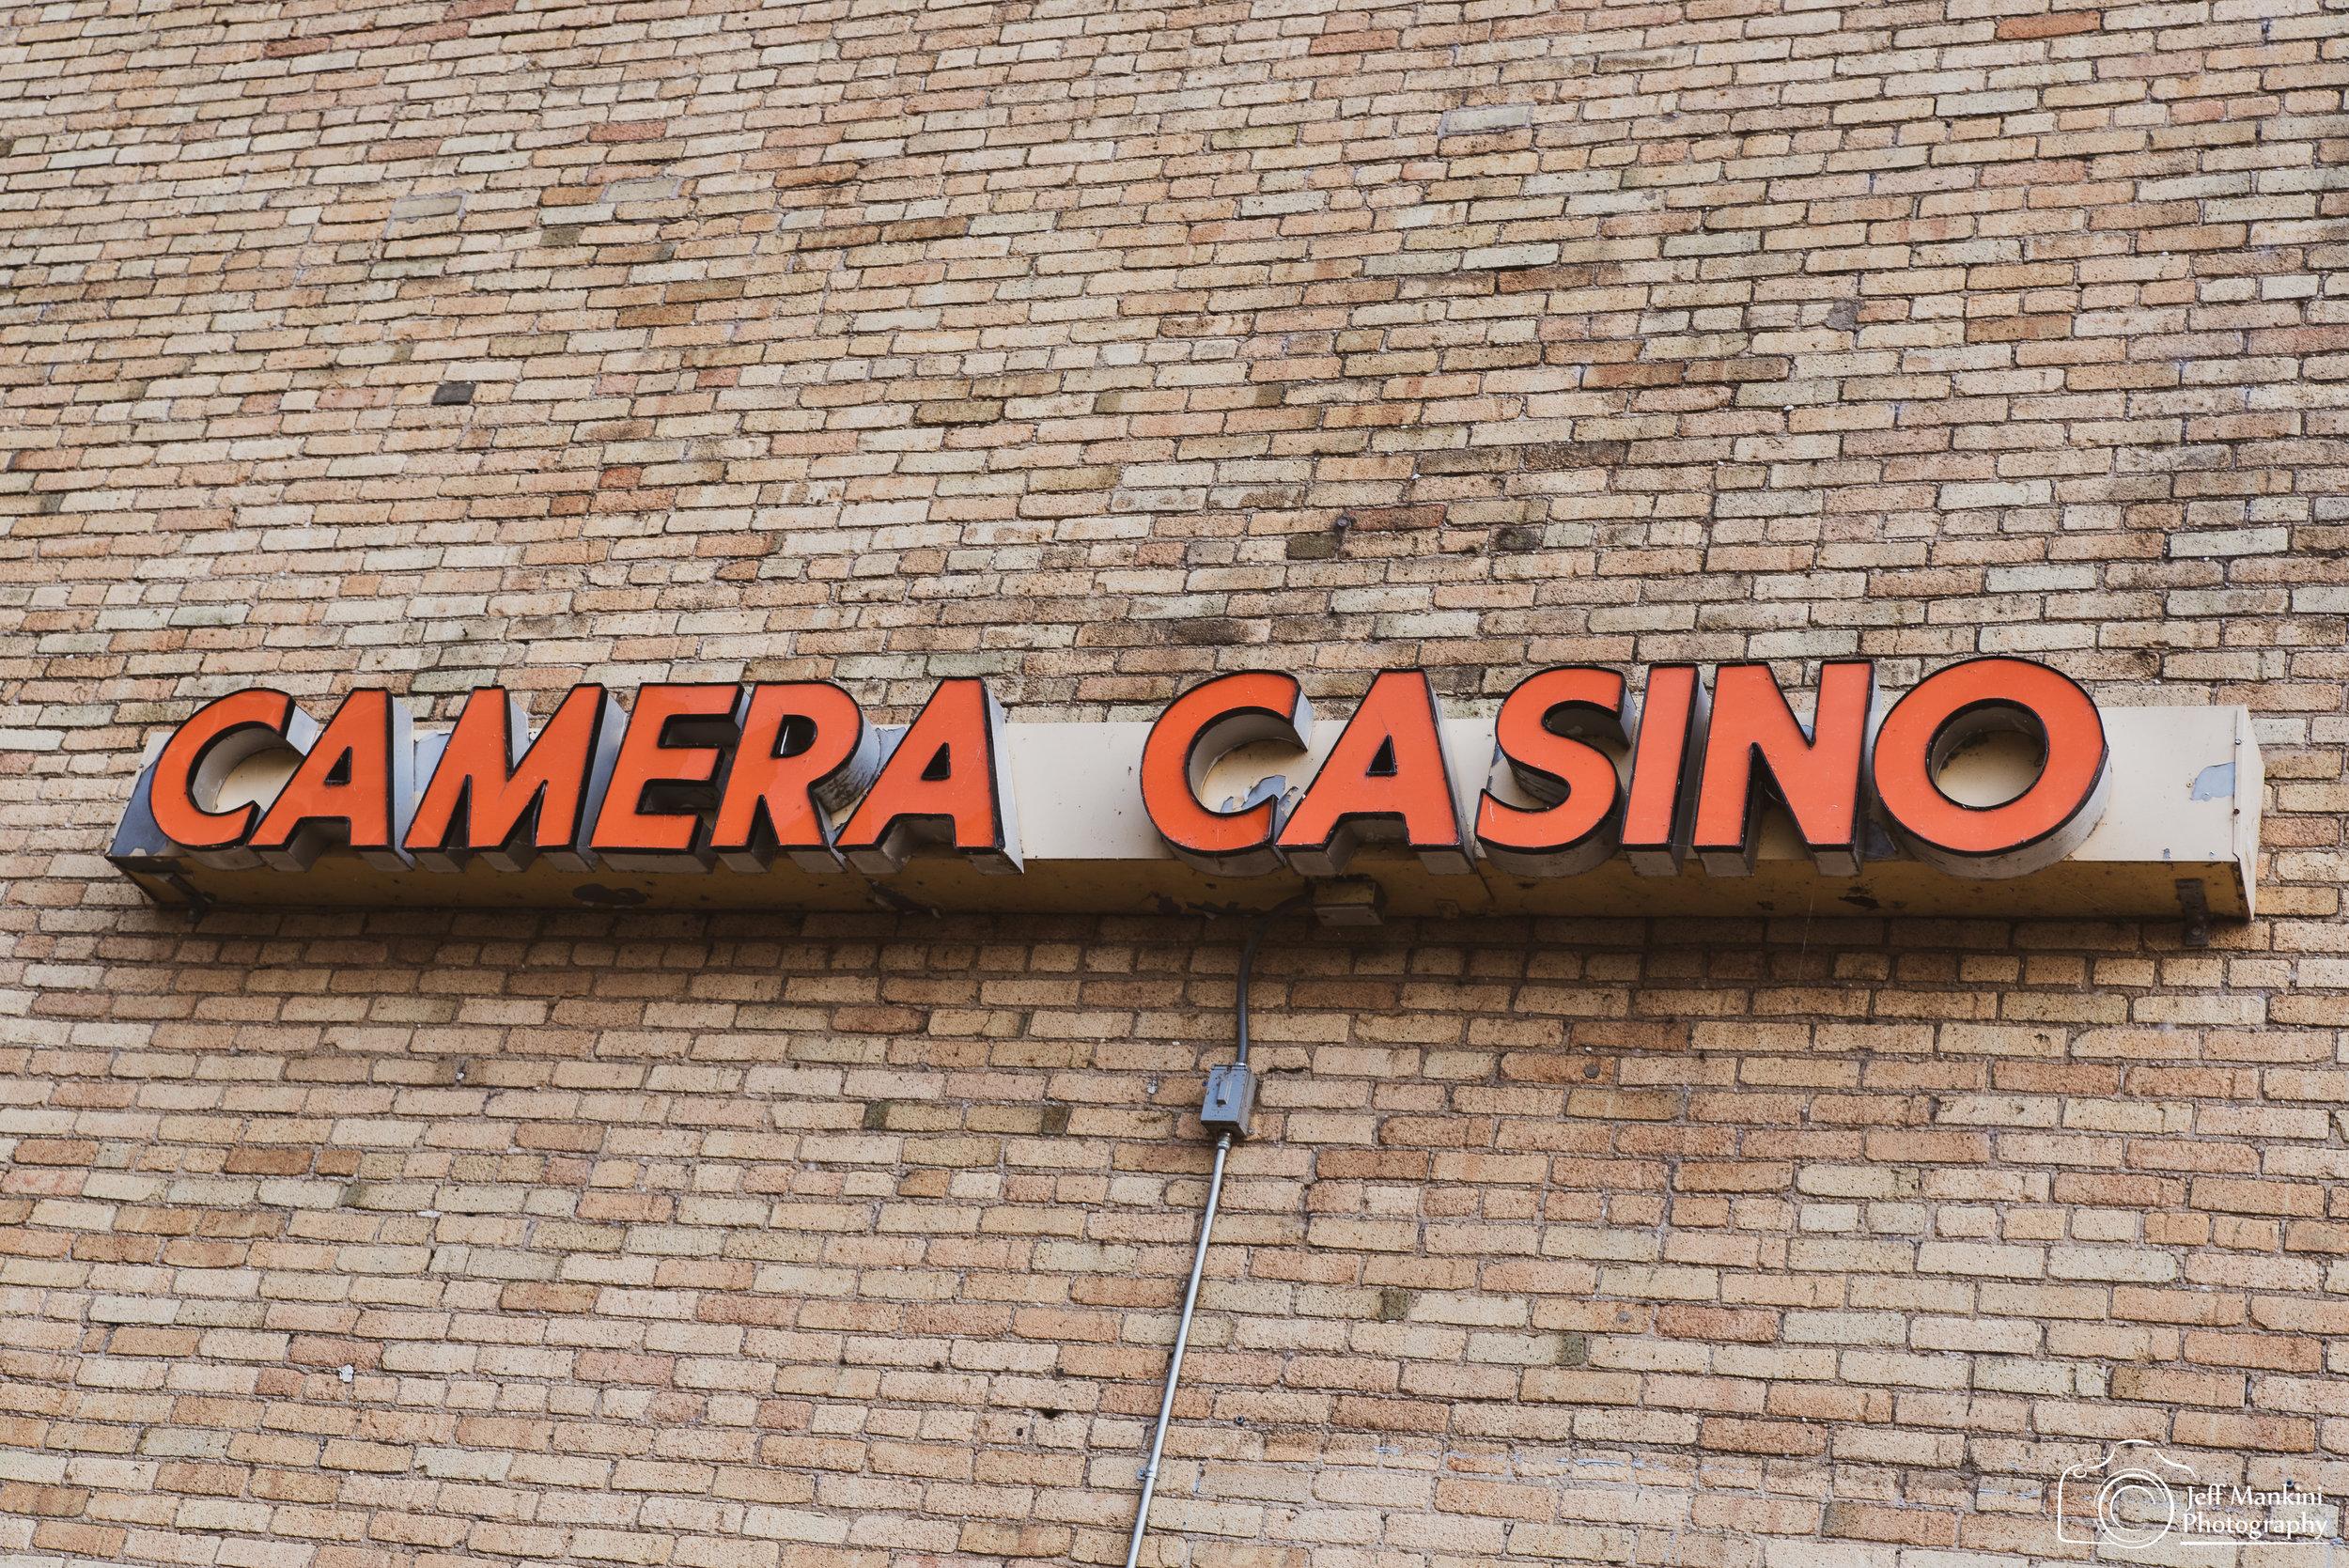 Camera Casino.jpg